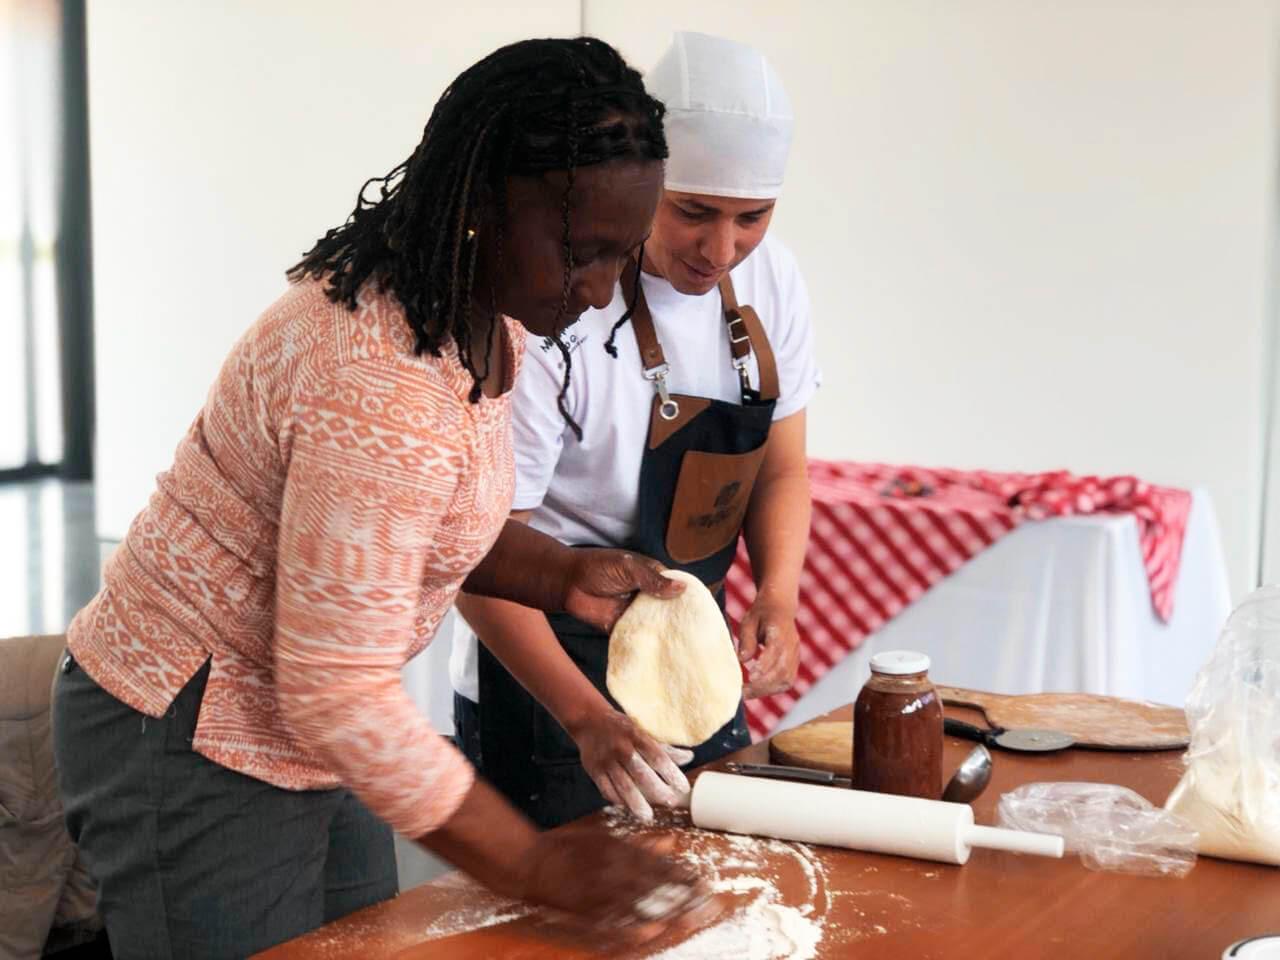 Las víctimas del conflicto tienen su espacio en pizza master